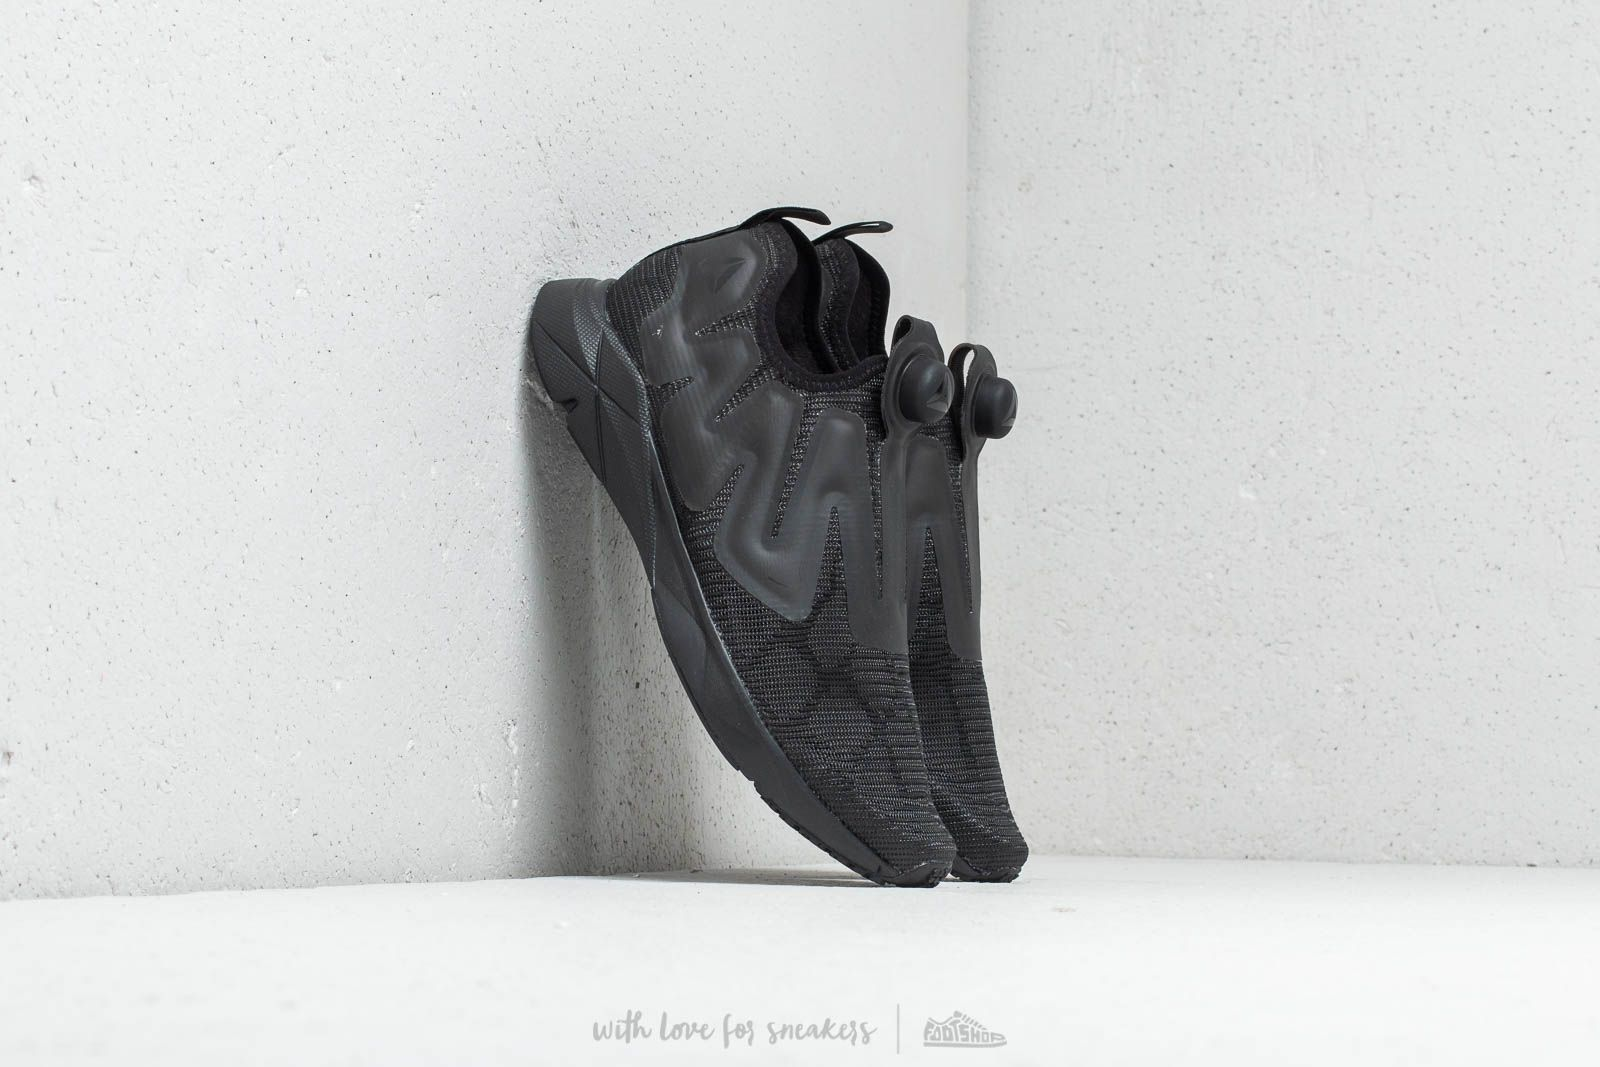 Reebok Pump Supreme Flexweave Black/ Ash Grey za skvělou cenu 2 390 Kč koupíte na Footshop.cz